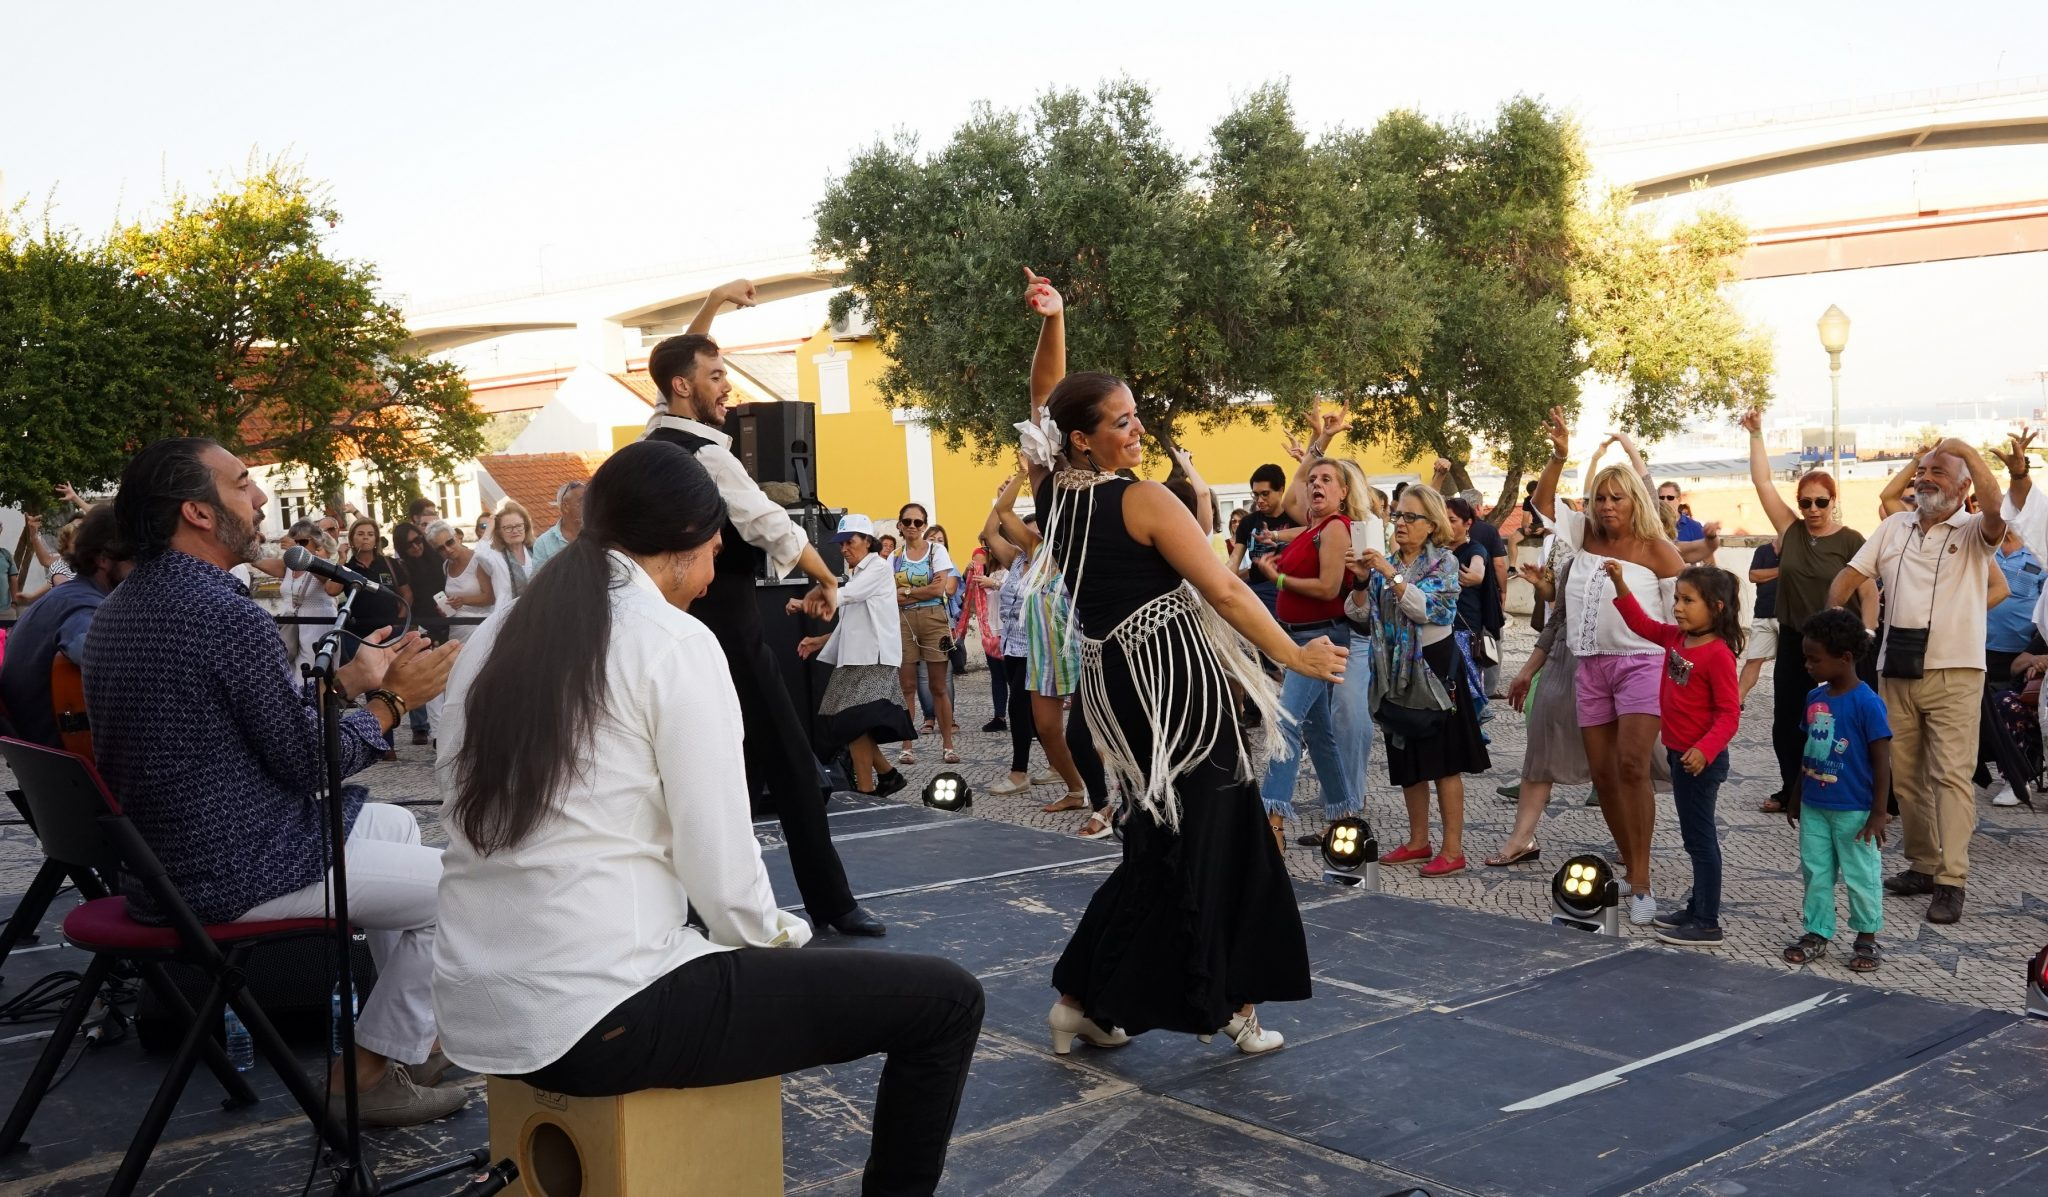 Dois bailarinos dançam flamenco ao som da música tocada por três músicos. À sua frente, um grupo de pessoas vai dançando